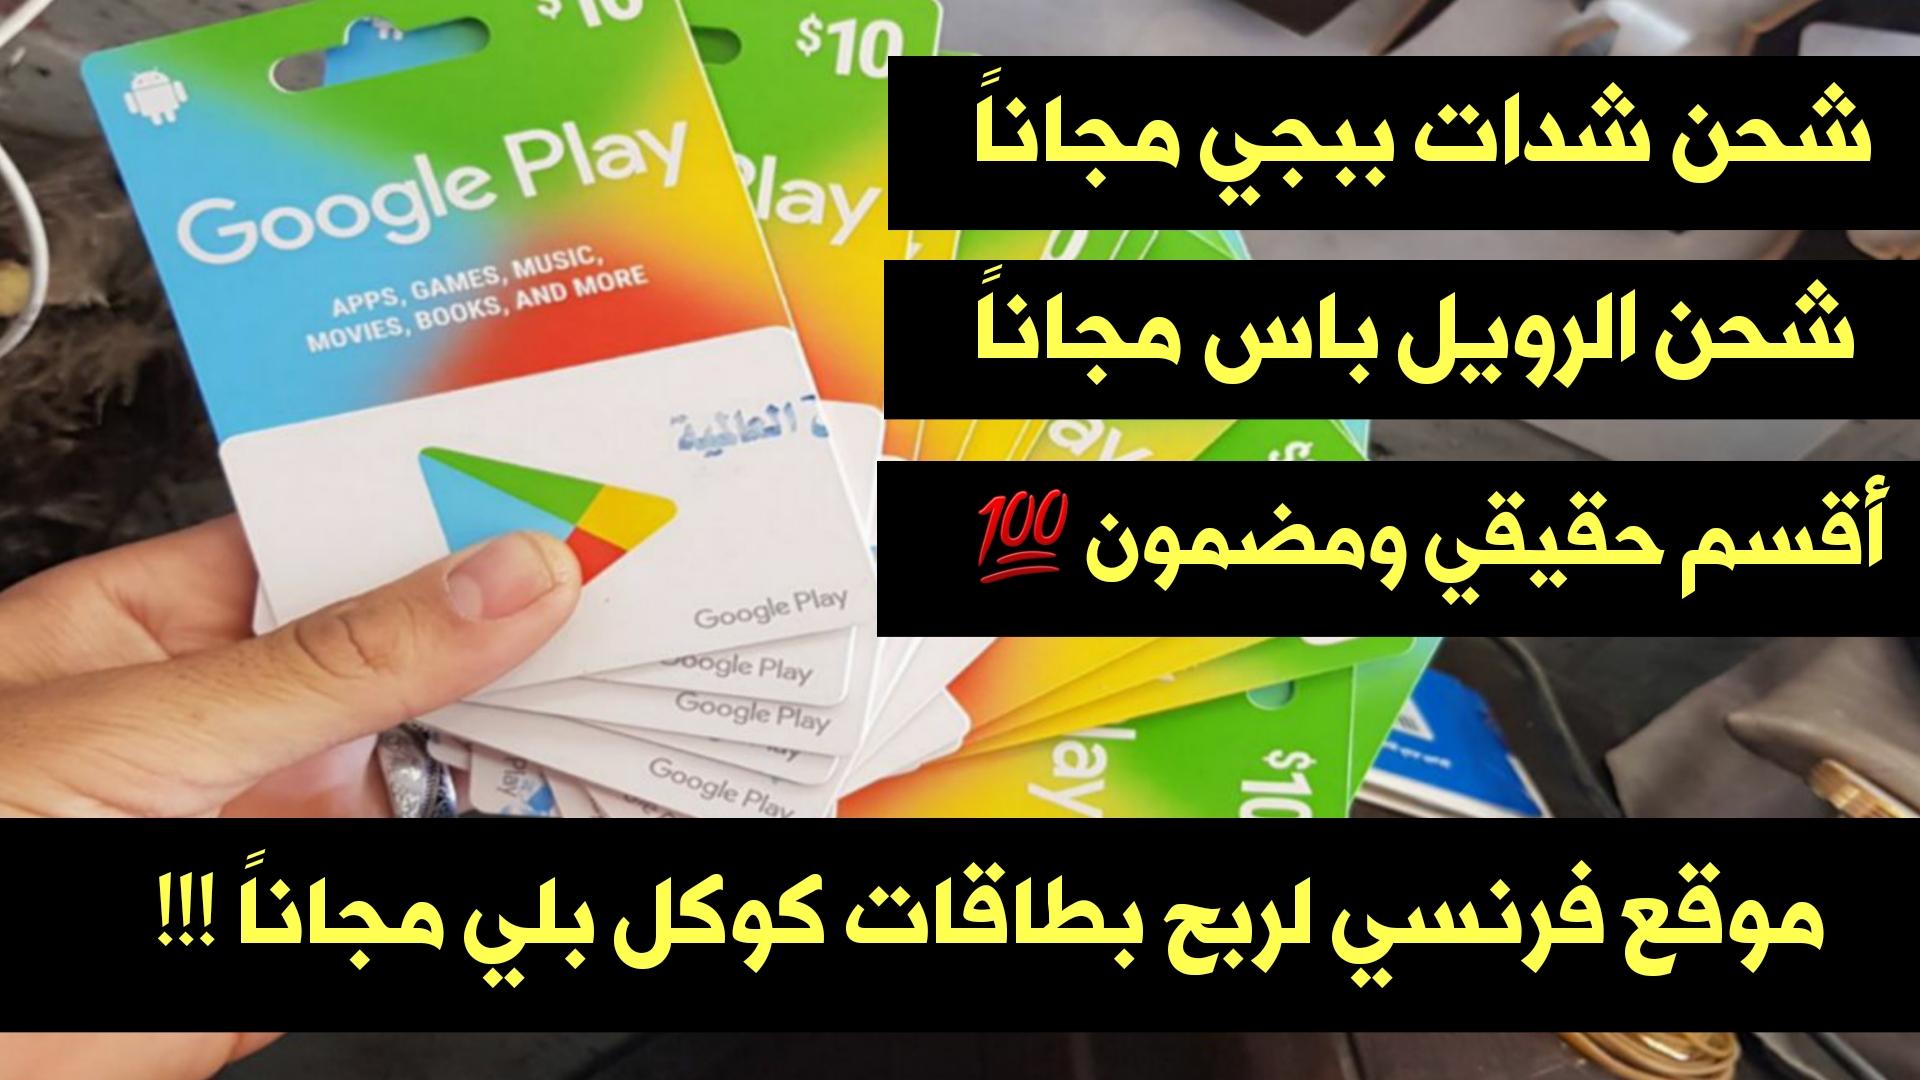 موقع فرنسي لربح بطاقات كوكل بلي وشحن شدات ببجي مجاناً !!! أقسم حقيقي ومضمون 100%